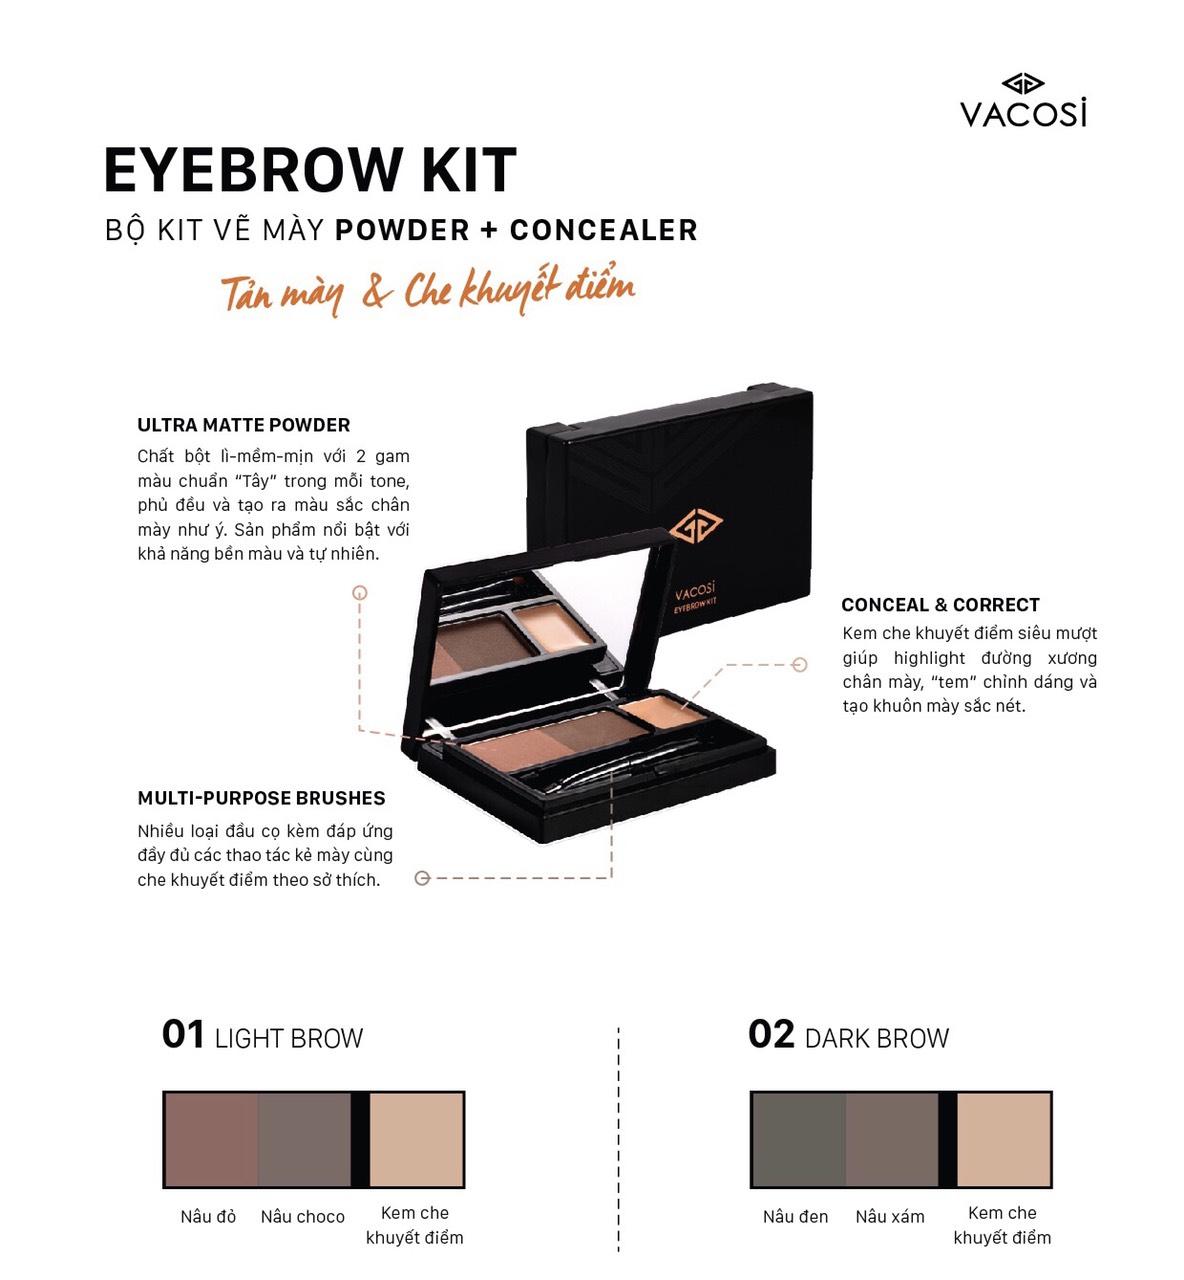 Bột Vẽ Chân Mày Vacosi EyeBrow Kit